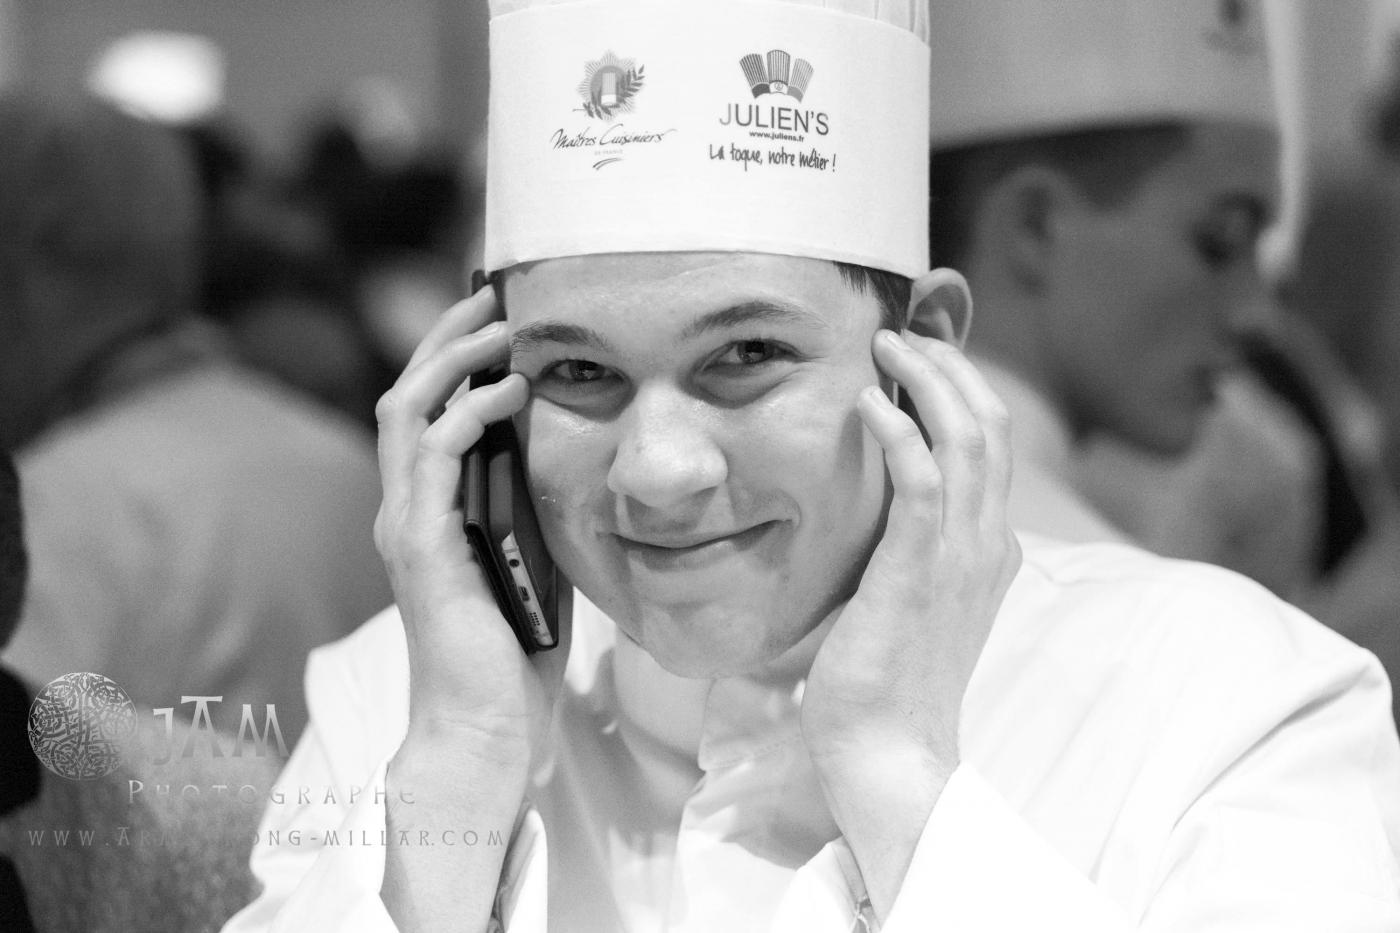 concours-national-du-meilleur-apprenti-cuisinier